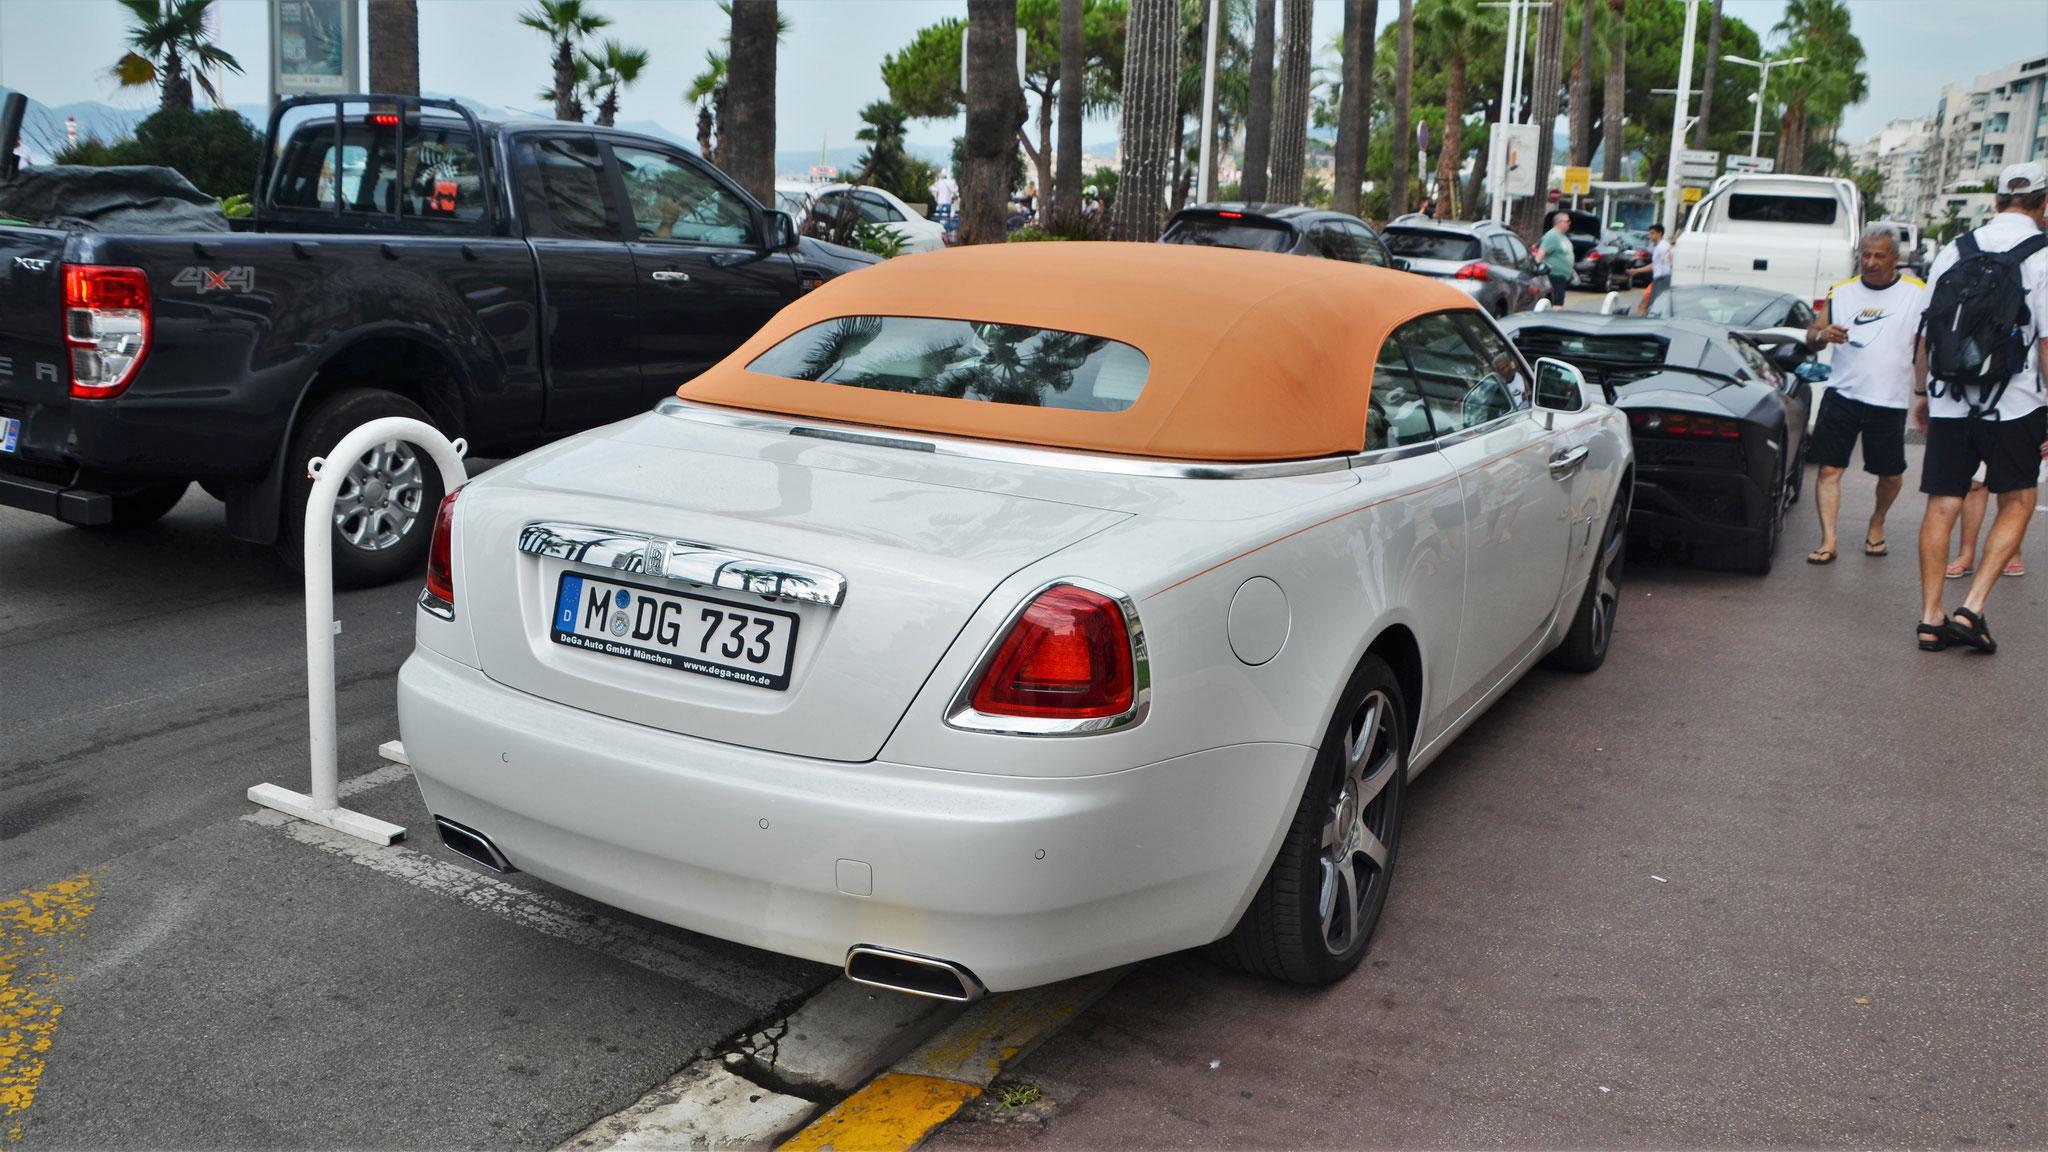 Rolls Royce Dawn - M-DG-733